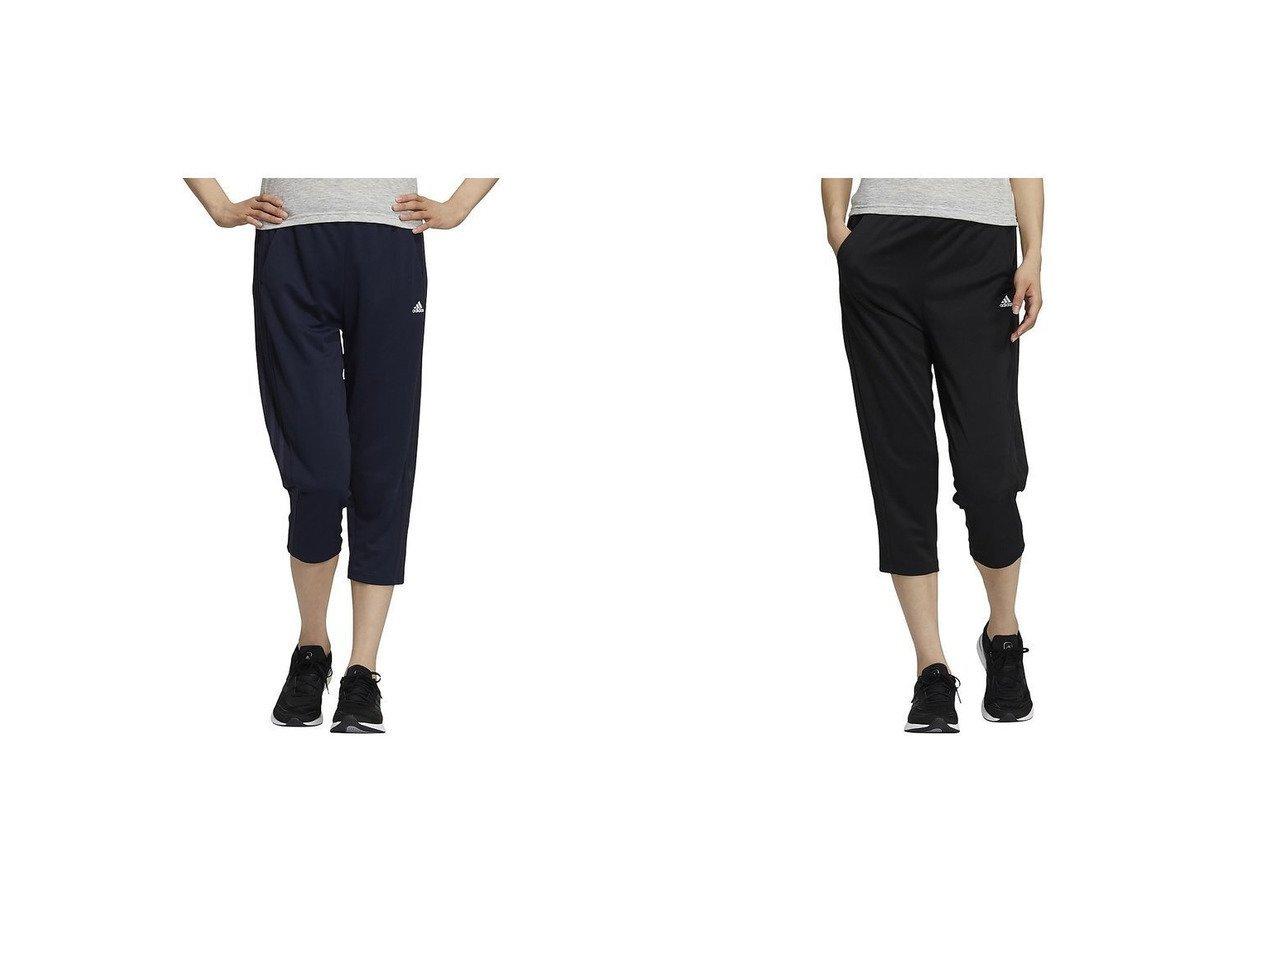 【adidas/アディダス】のアディダス/レディス/マストハブ TERO カプリパンツ Must Haves Tero Capri Pants&アディダス/レディス/マストハブ TERO カプリパンツ Must Haves Tero Capri Pants スポーツ・ヨガウェア、運動・ダイエットグッズなどのおすすめ!人気ファッション通販 おすすめで人気の流行・トレンド、ファッションの通販商品 メンズファッション・キッズファッション・インテリア・家具・レディースファッション・服の通販 founy(ファニー) https://founy.com/ ファッション Fashion レディースファッション WOMEN パンツ Pants スポーツウェア Sportswear スポーツ パンツ Pants NEW・新作・新着・新入荷 New Arrivals スポーツ ヨガ |ID:crp329100000021176